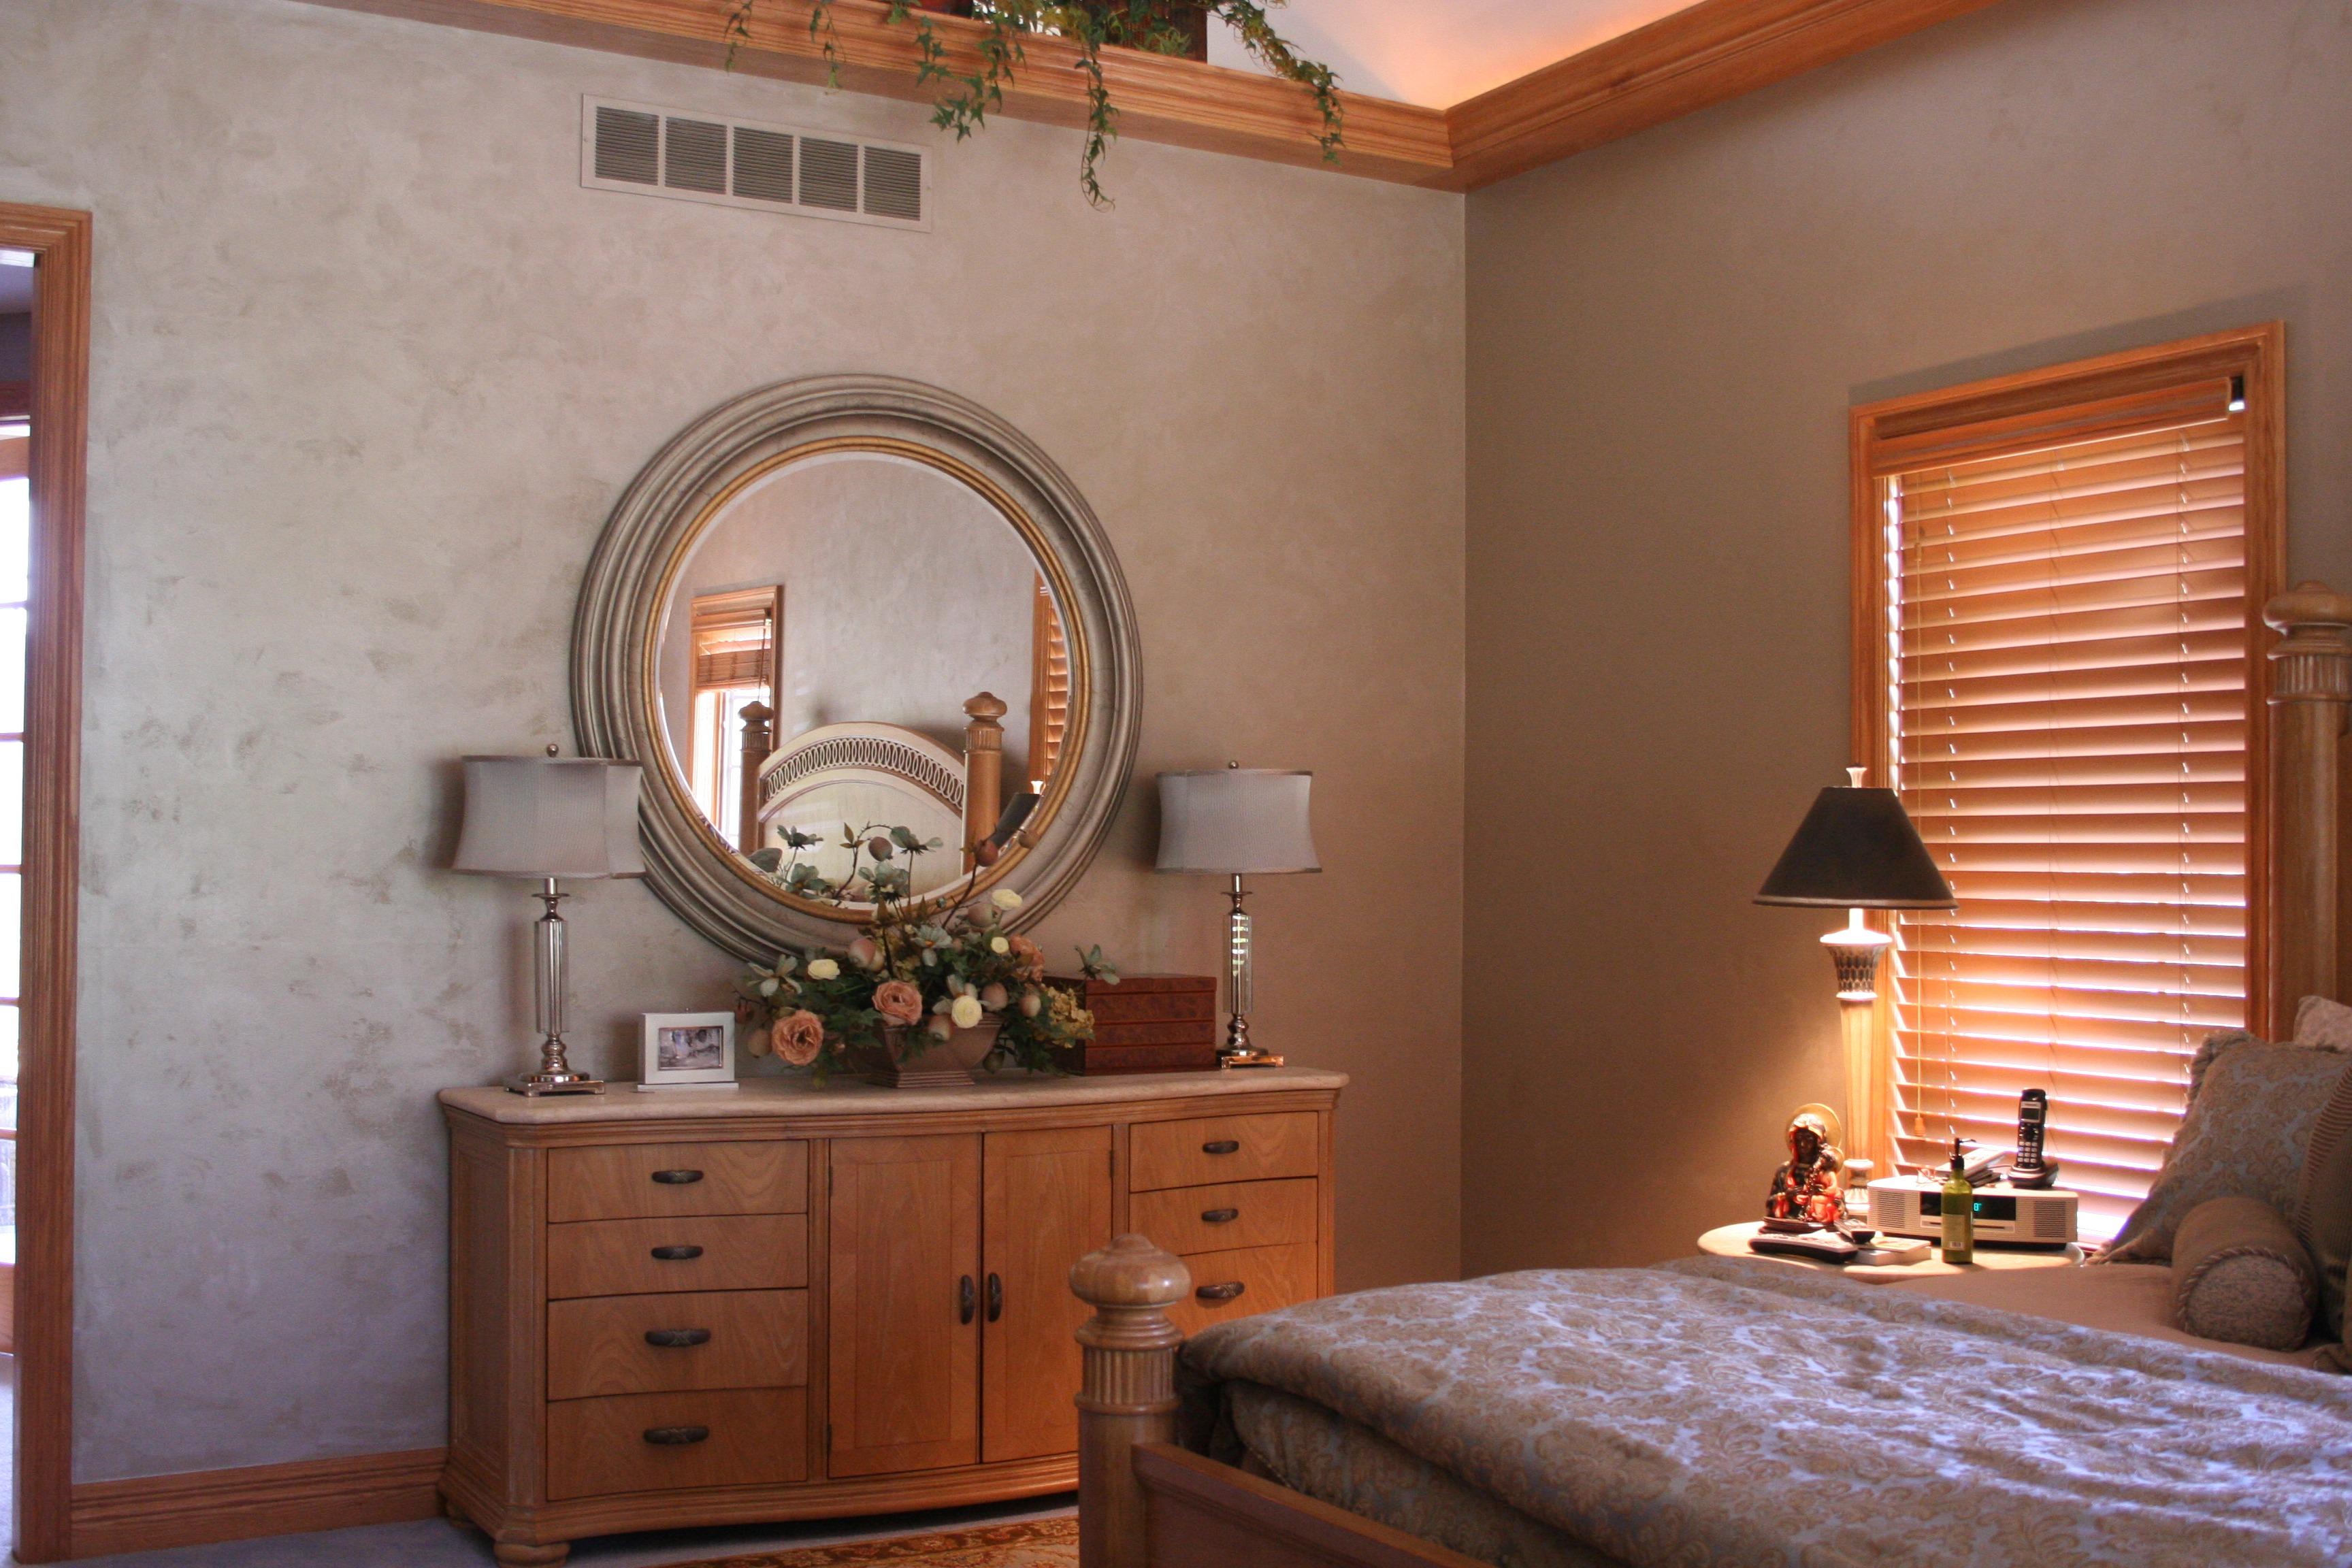 Fotos gratis : arquitectura, madera, piso, interior, casa ...